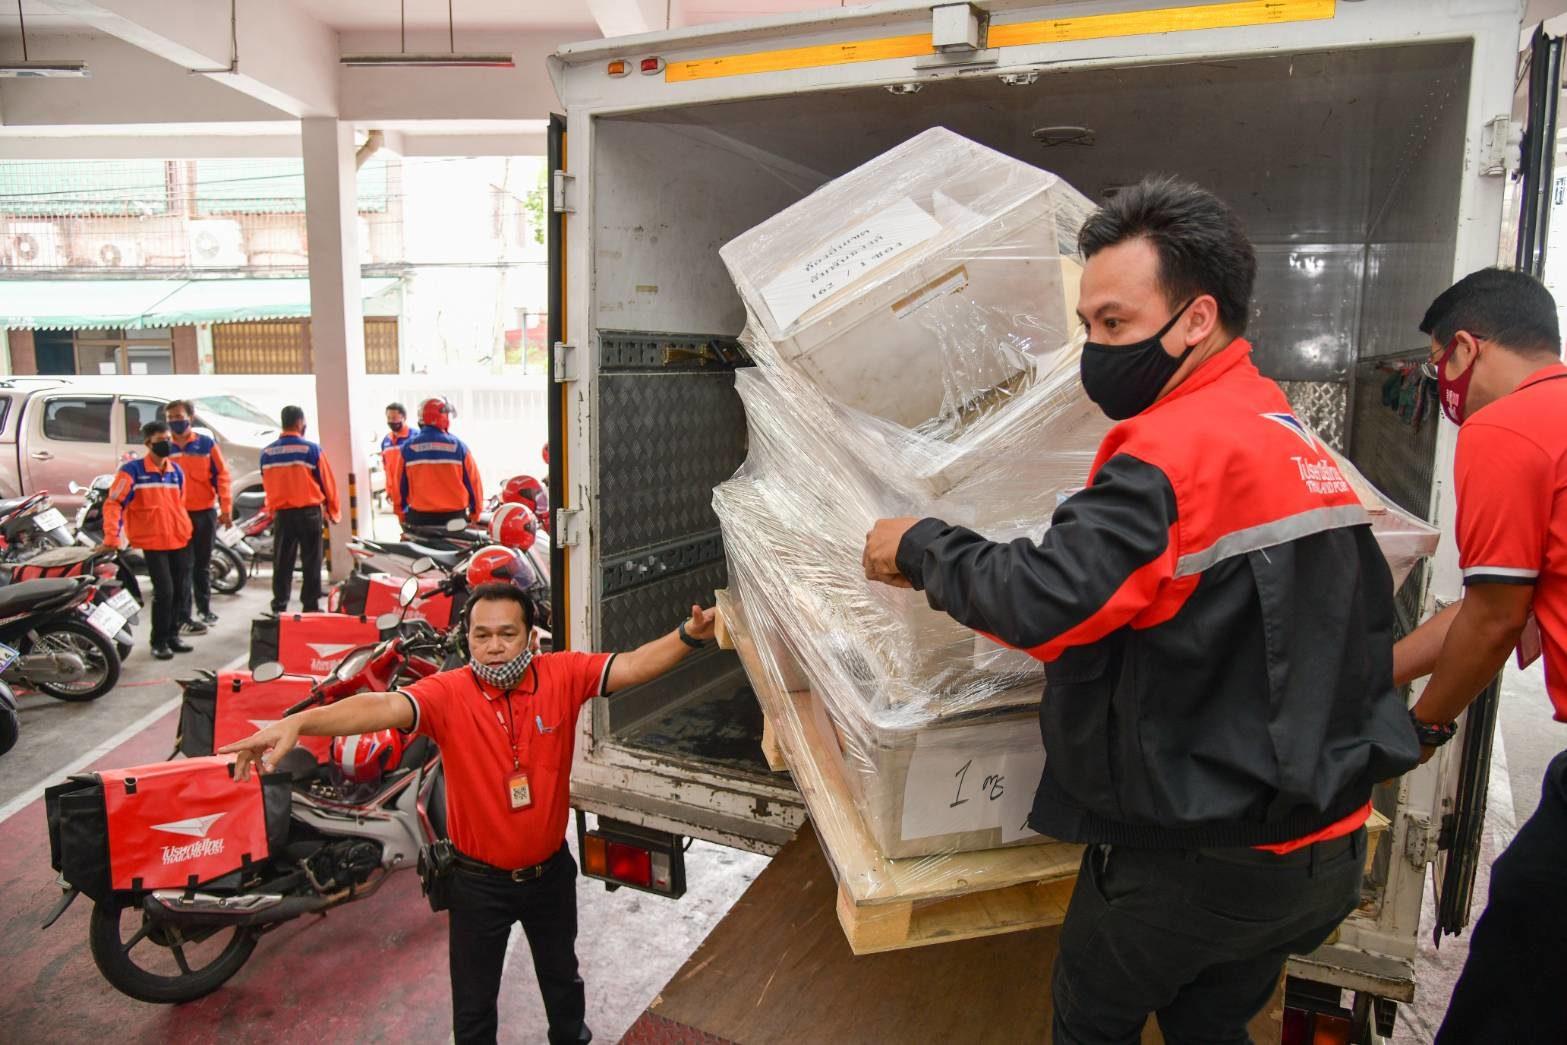 'ไปรษณีย์ไทย' จับมือรัฐ-เอกชน พาคนไทยสู้วิกฤติโควิด-19